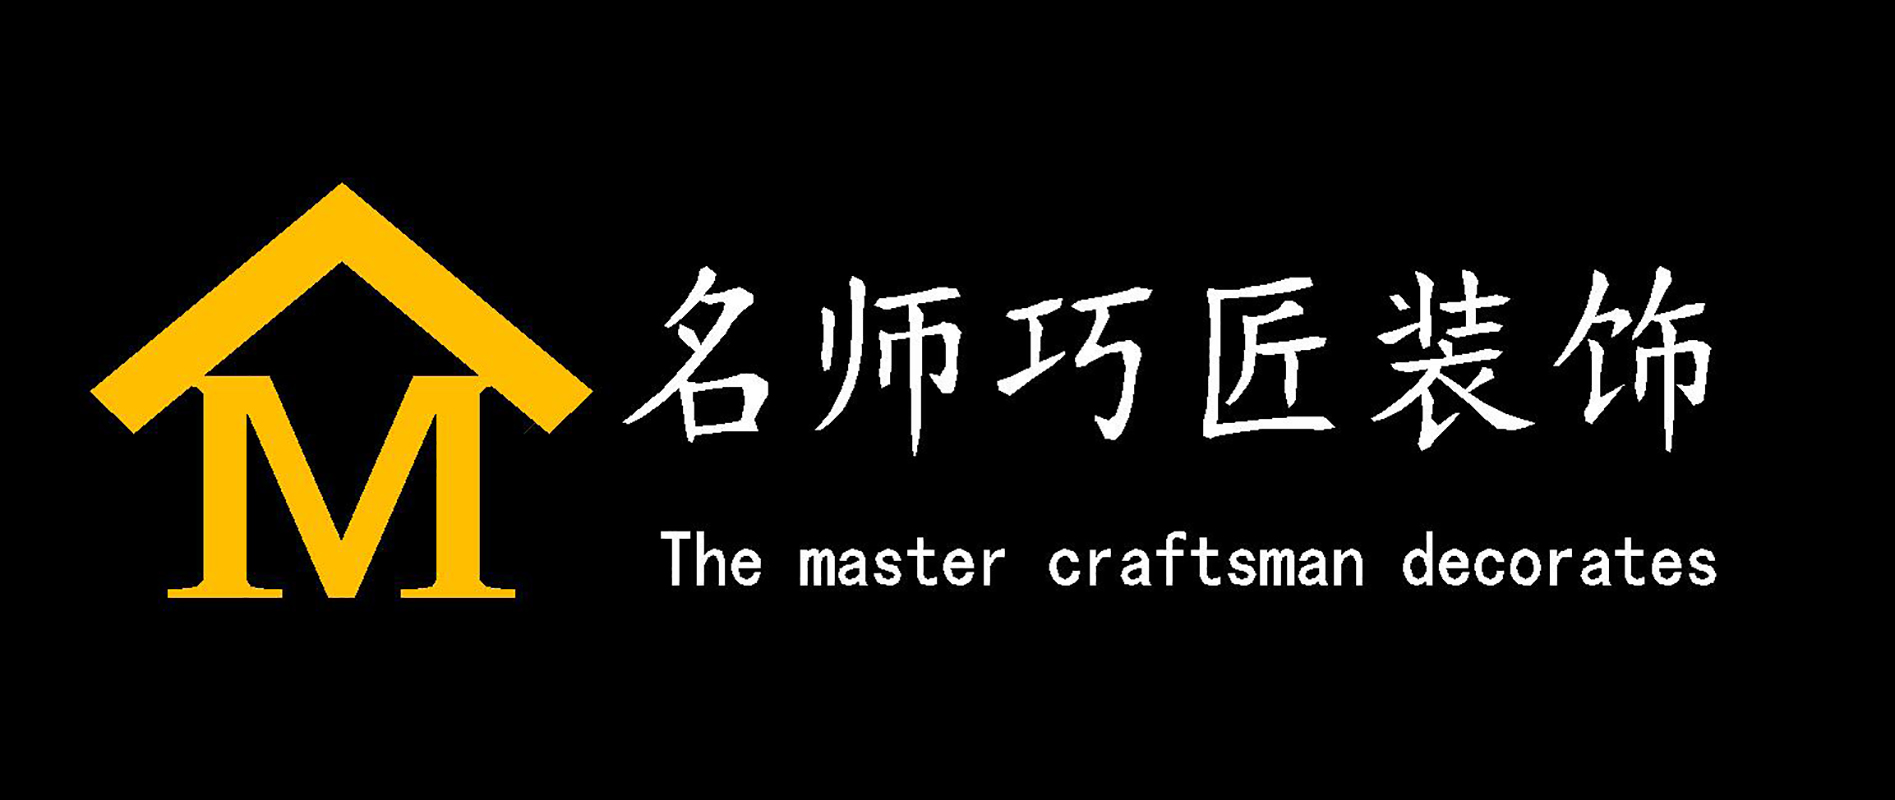 贵州名师巧匠建筑装饰工程有限公司 - 贵阳装修公司